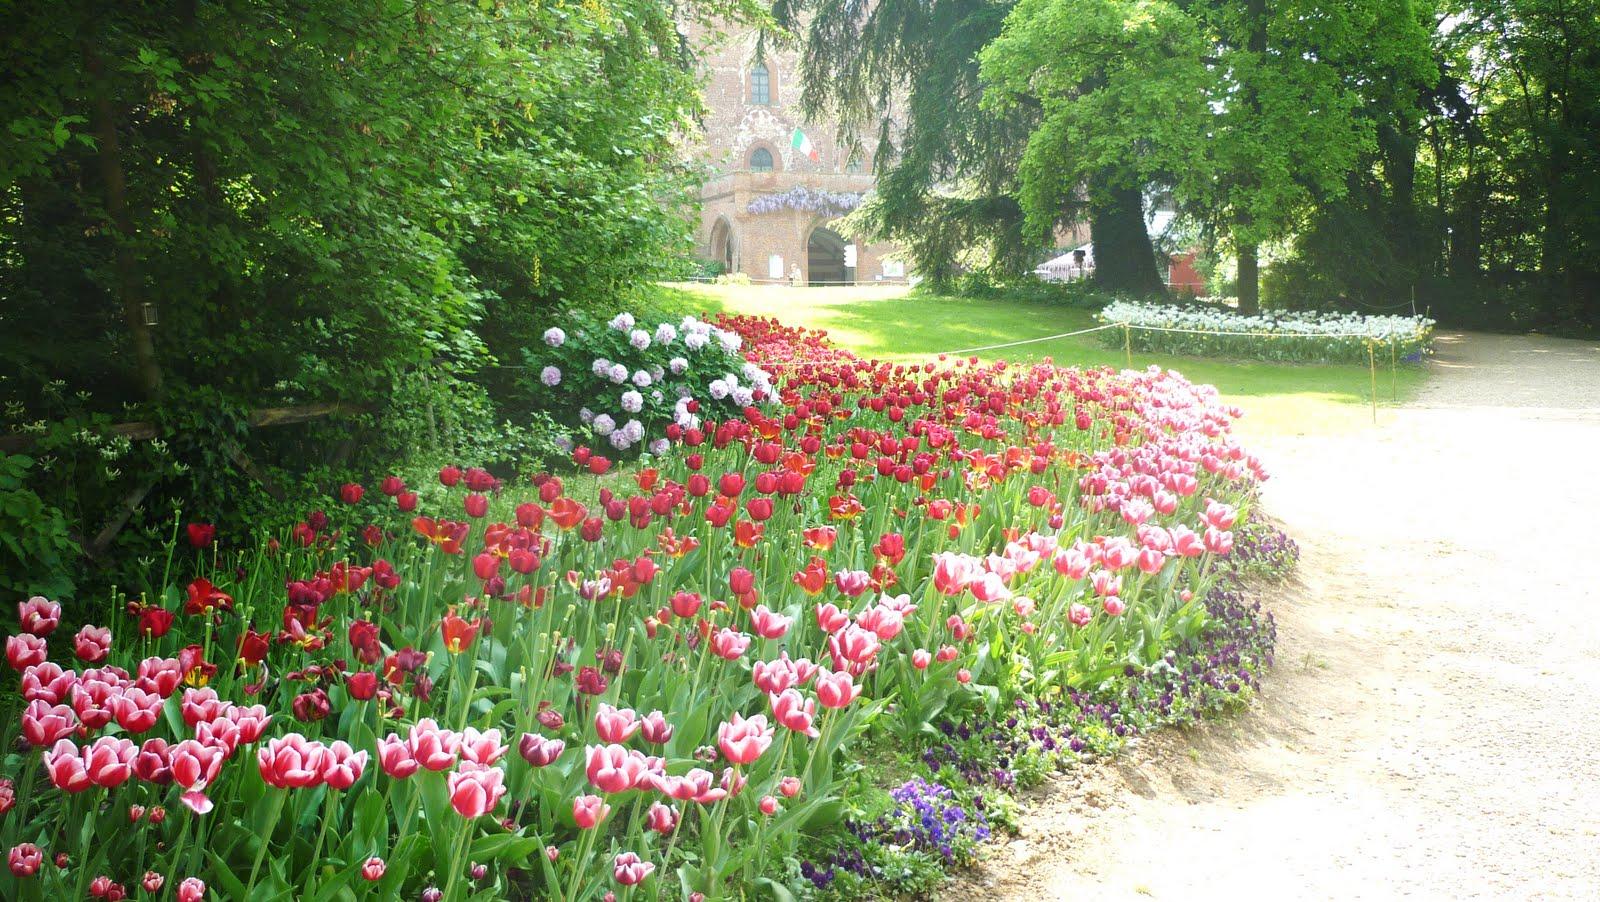 Il giardino sfumato il castello dei tulipani for Arbusti fioriti da giardino